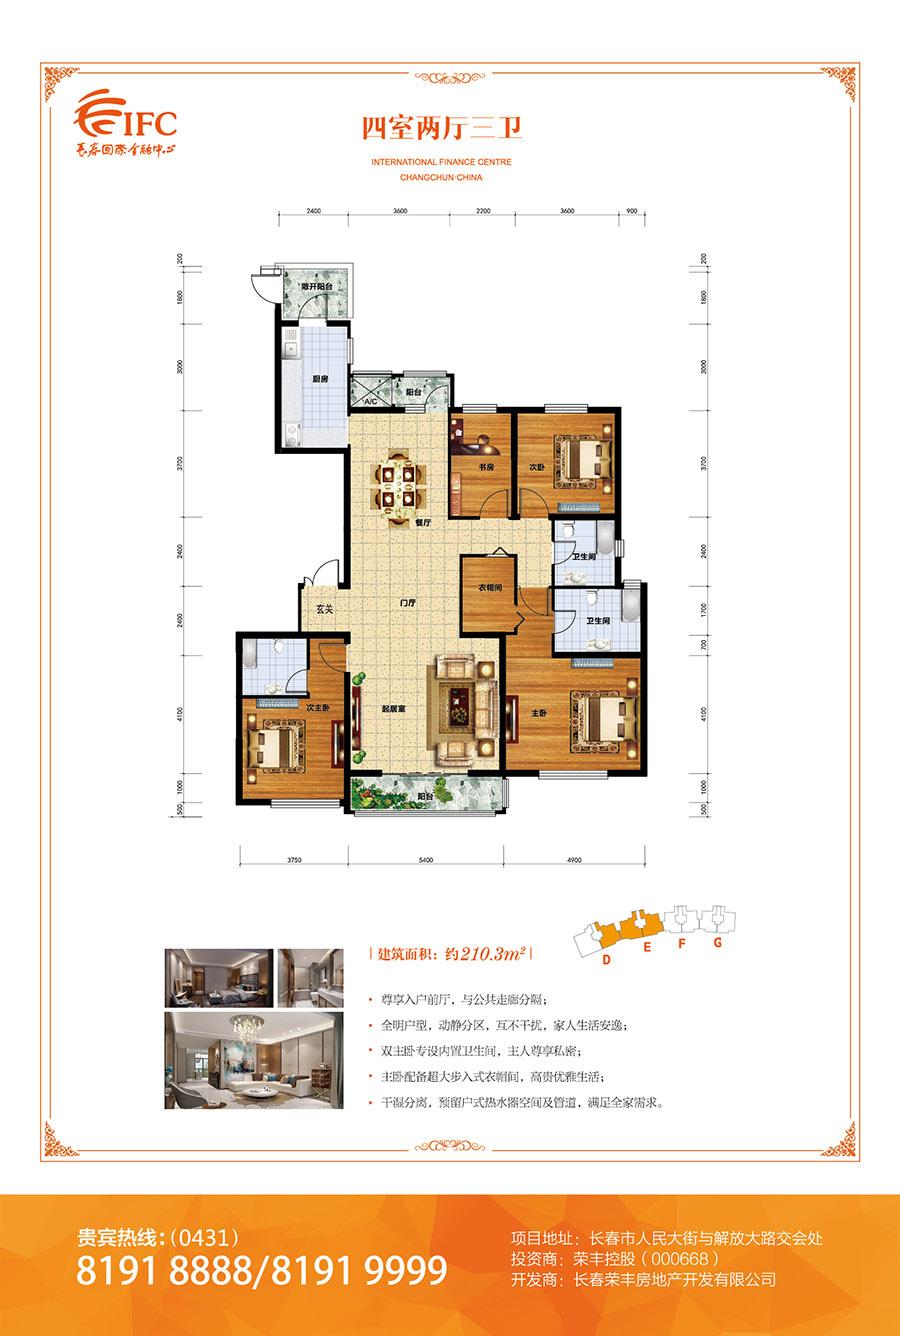 住宅户型-商业户型展示